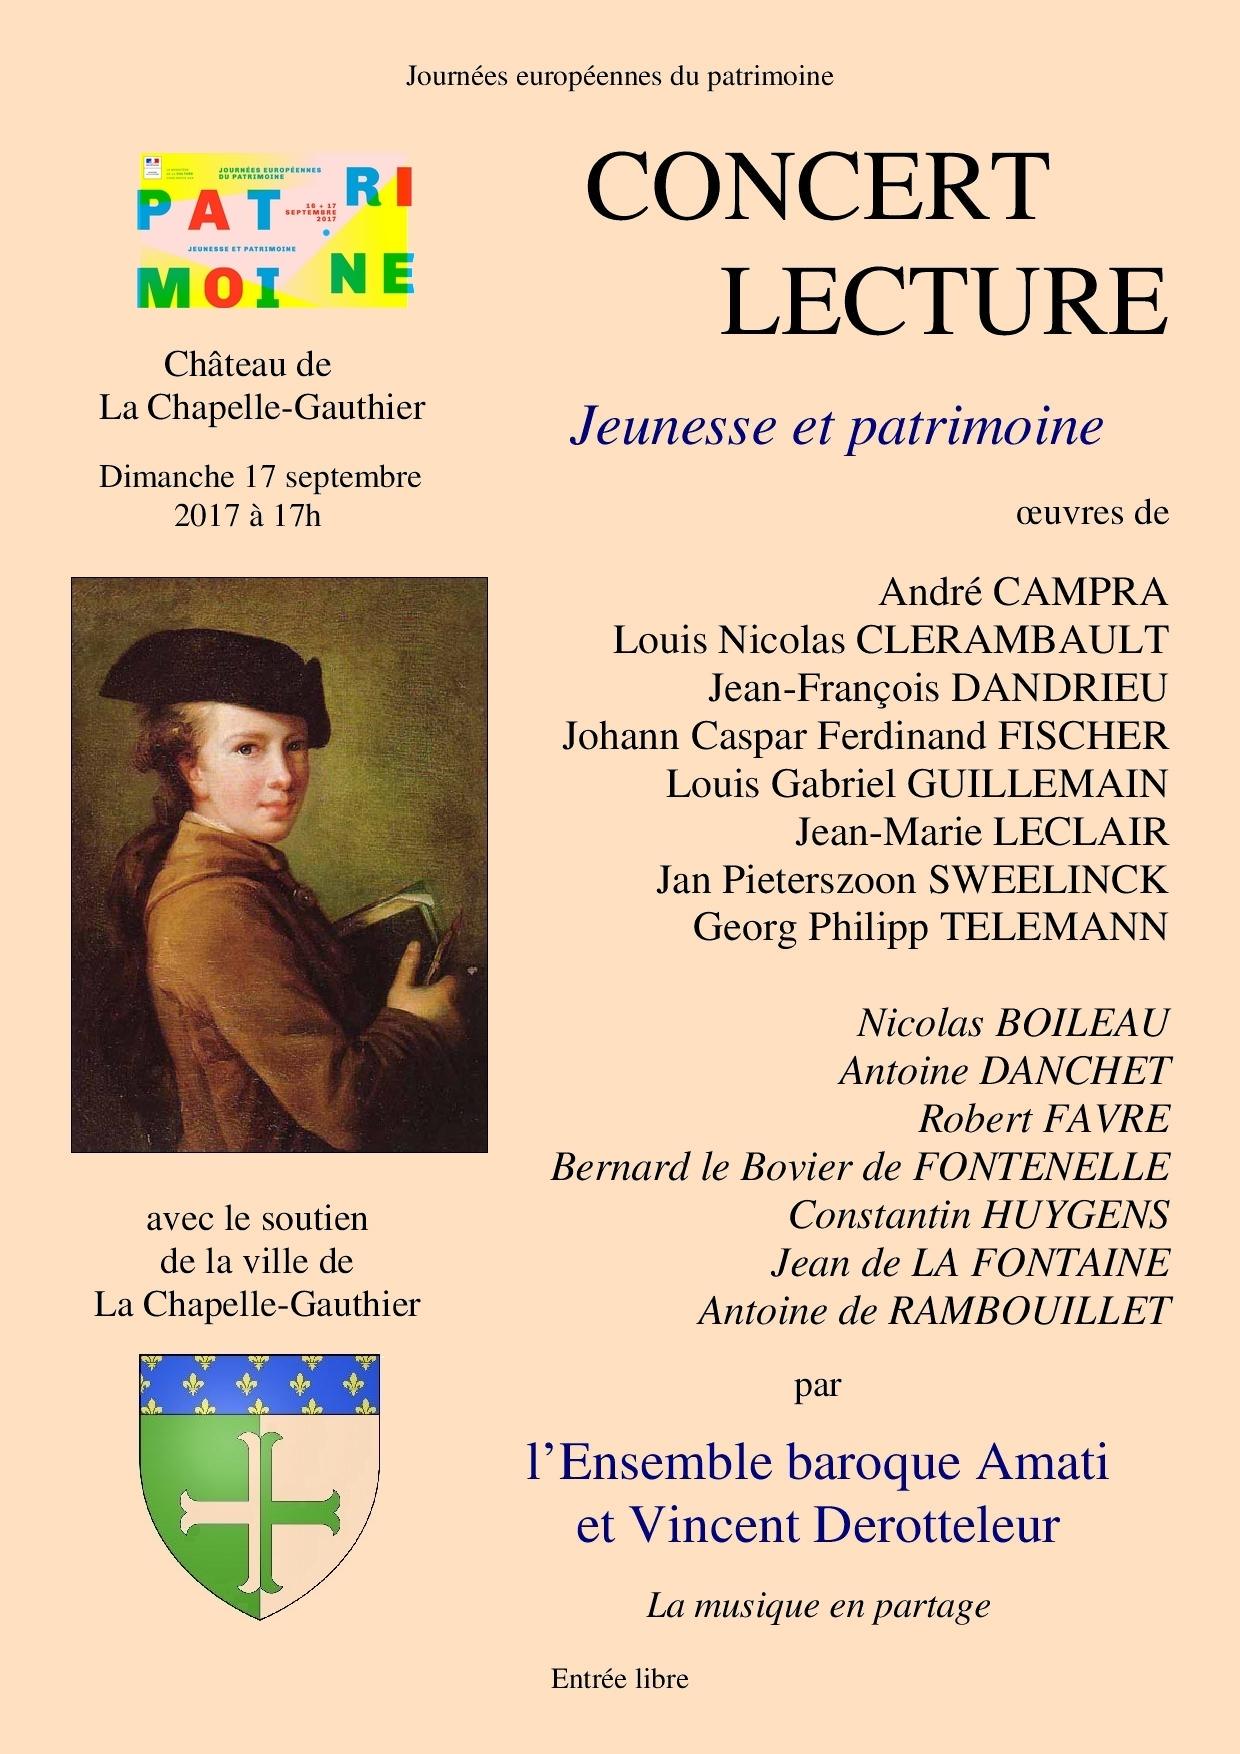 Concert-lecture La Chapelle-Gauthier